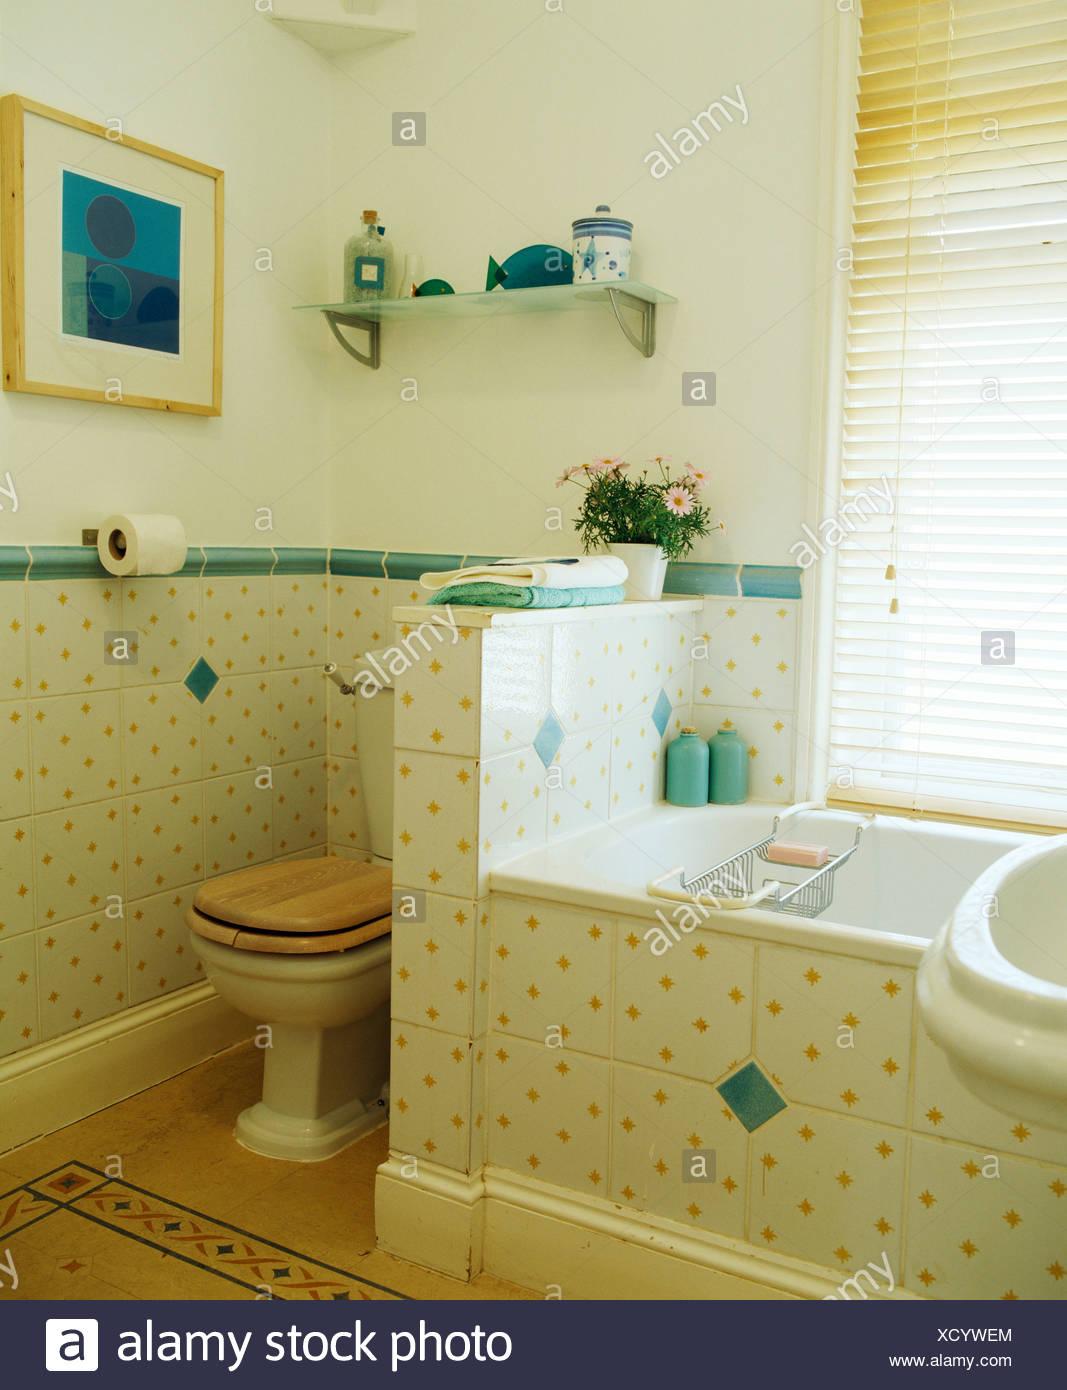 Les carreaux de mur tacheté jaune avec bordure en carrelage vert ...